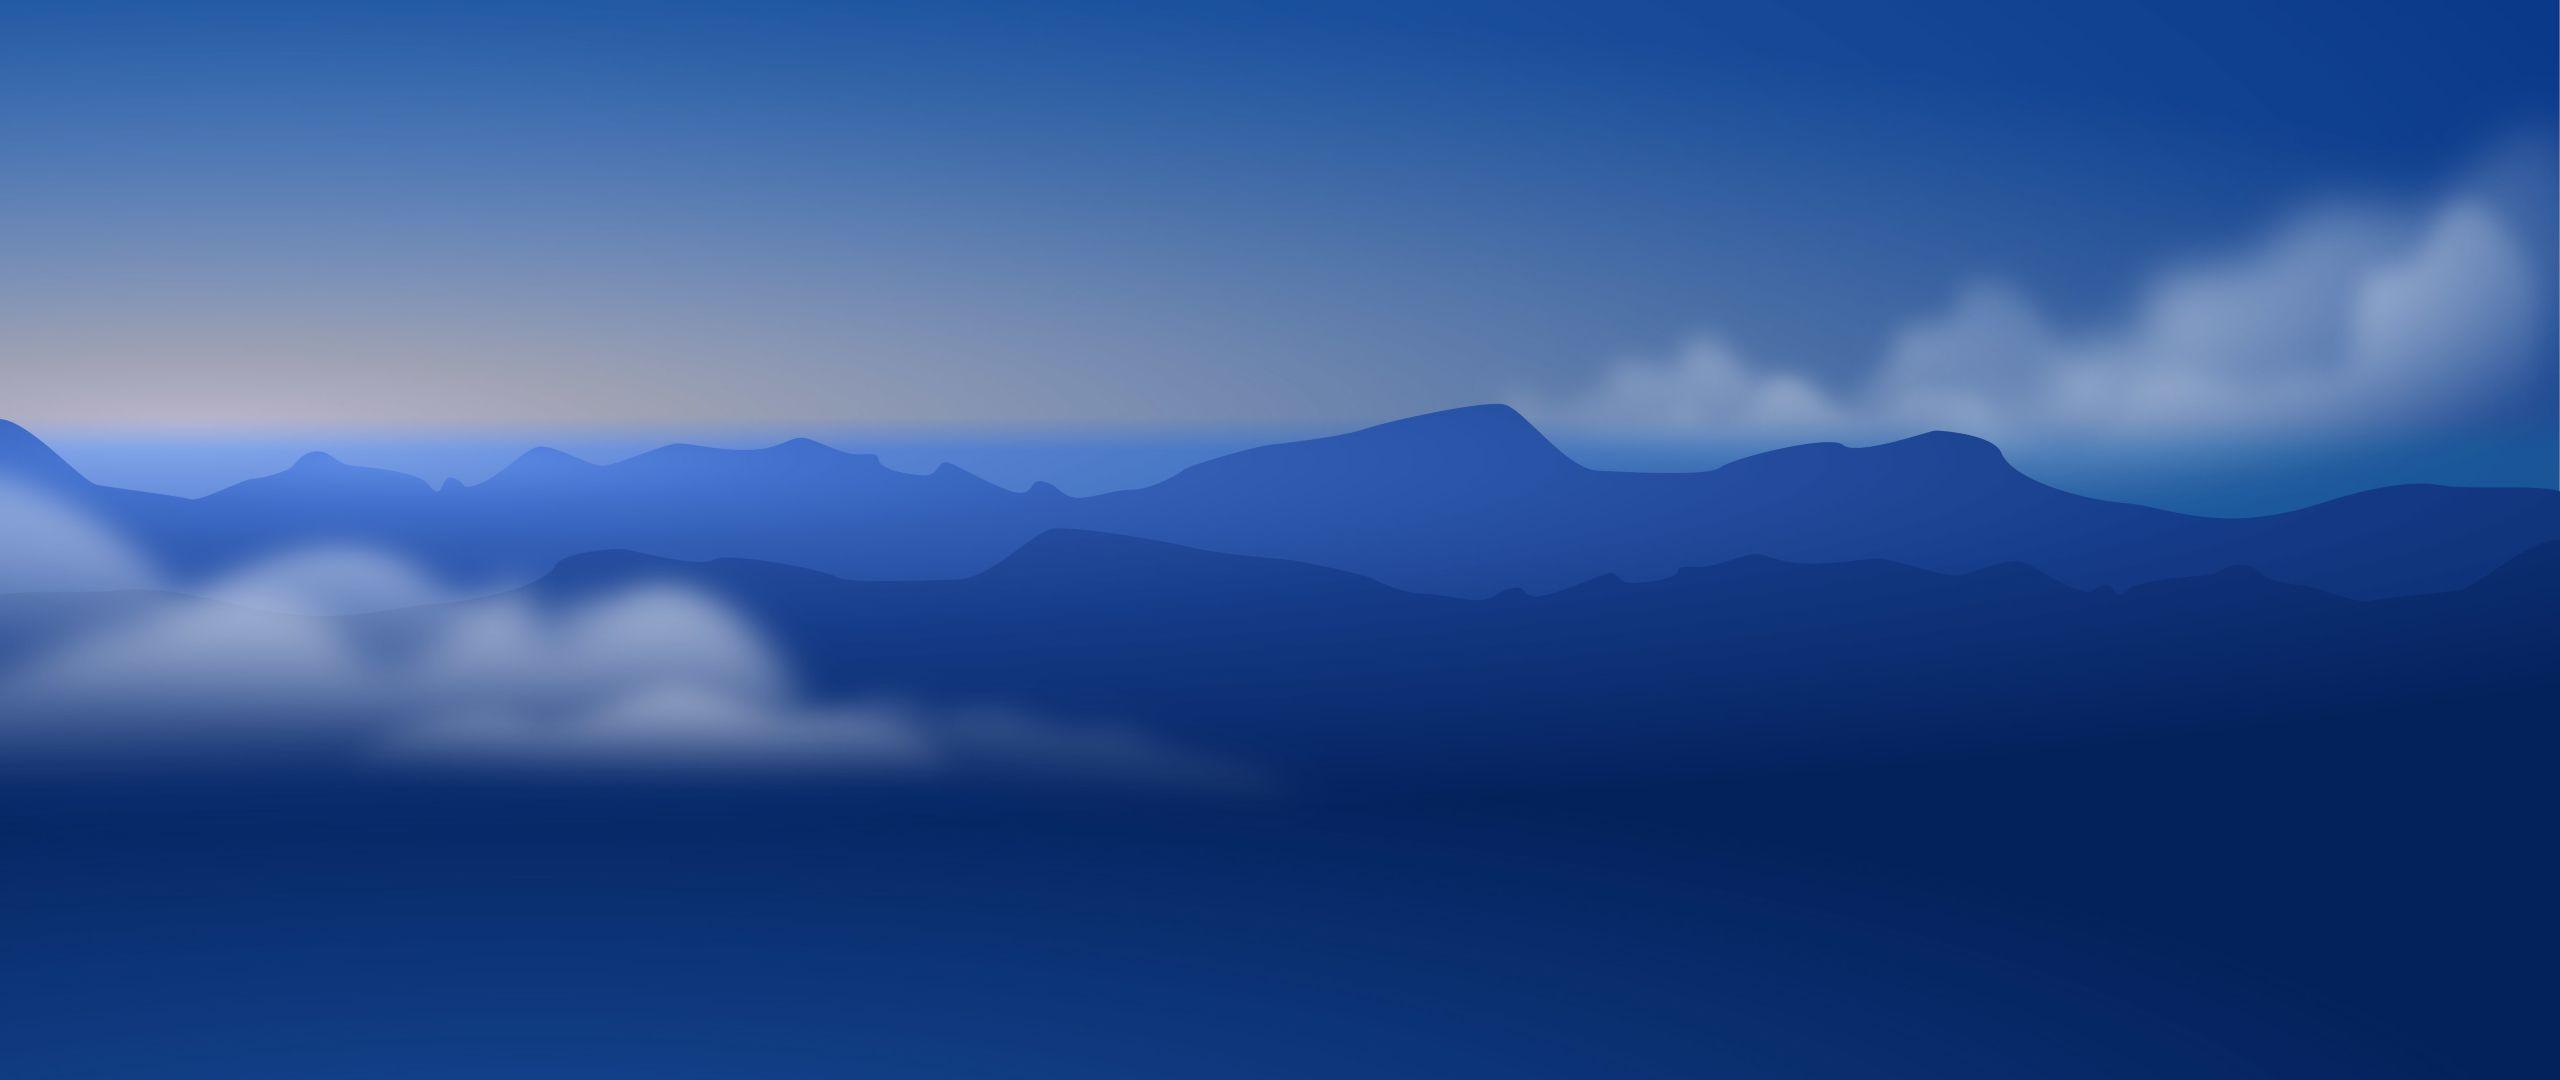 2560x1080 Núi tối giản Hình nền 2560x1080 Độ phân giải, HD